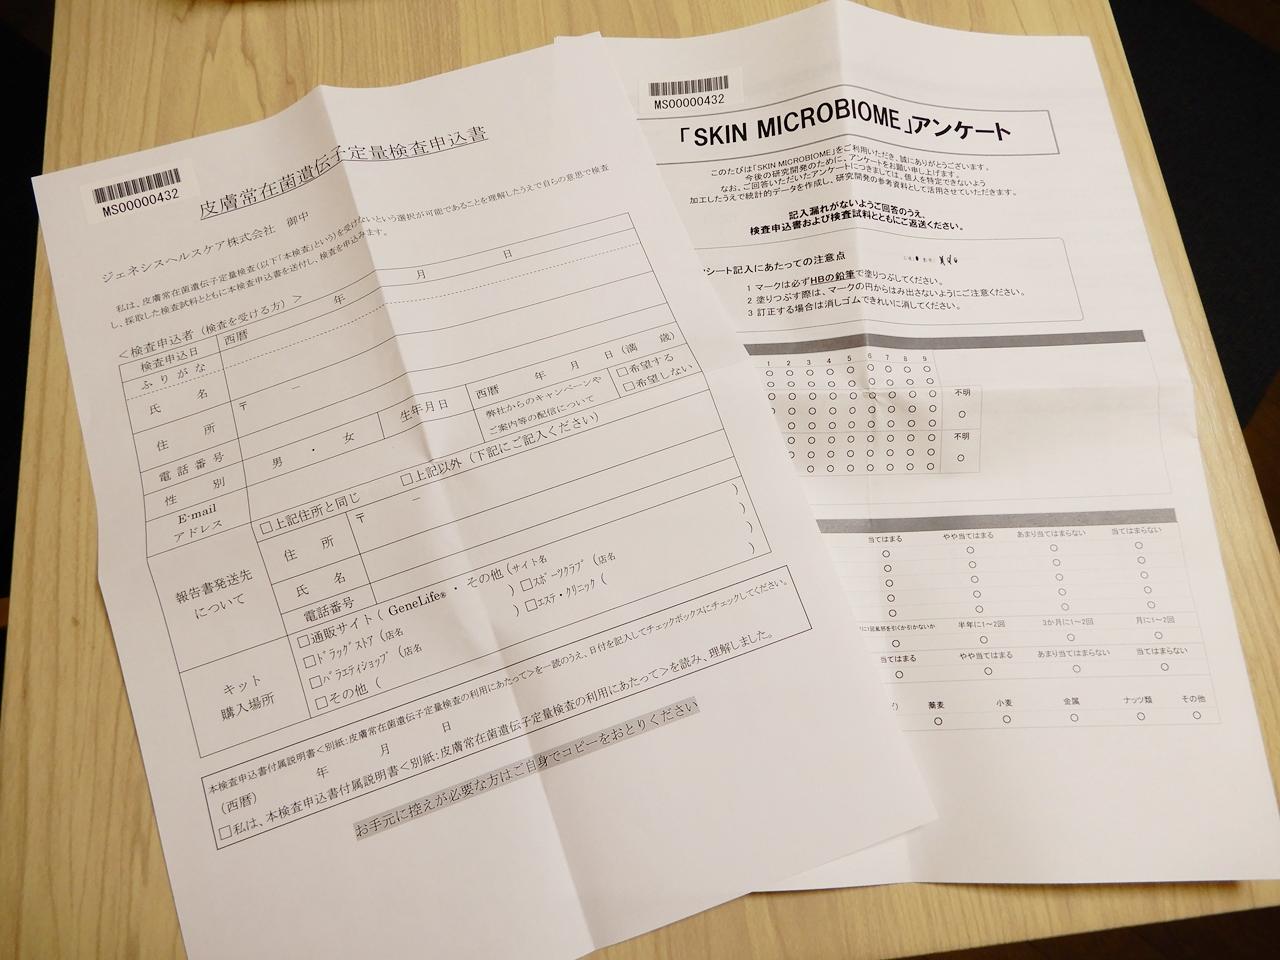 申込用紙とアンケート用紙